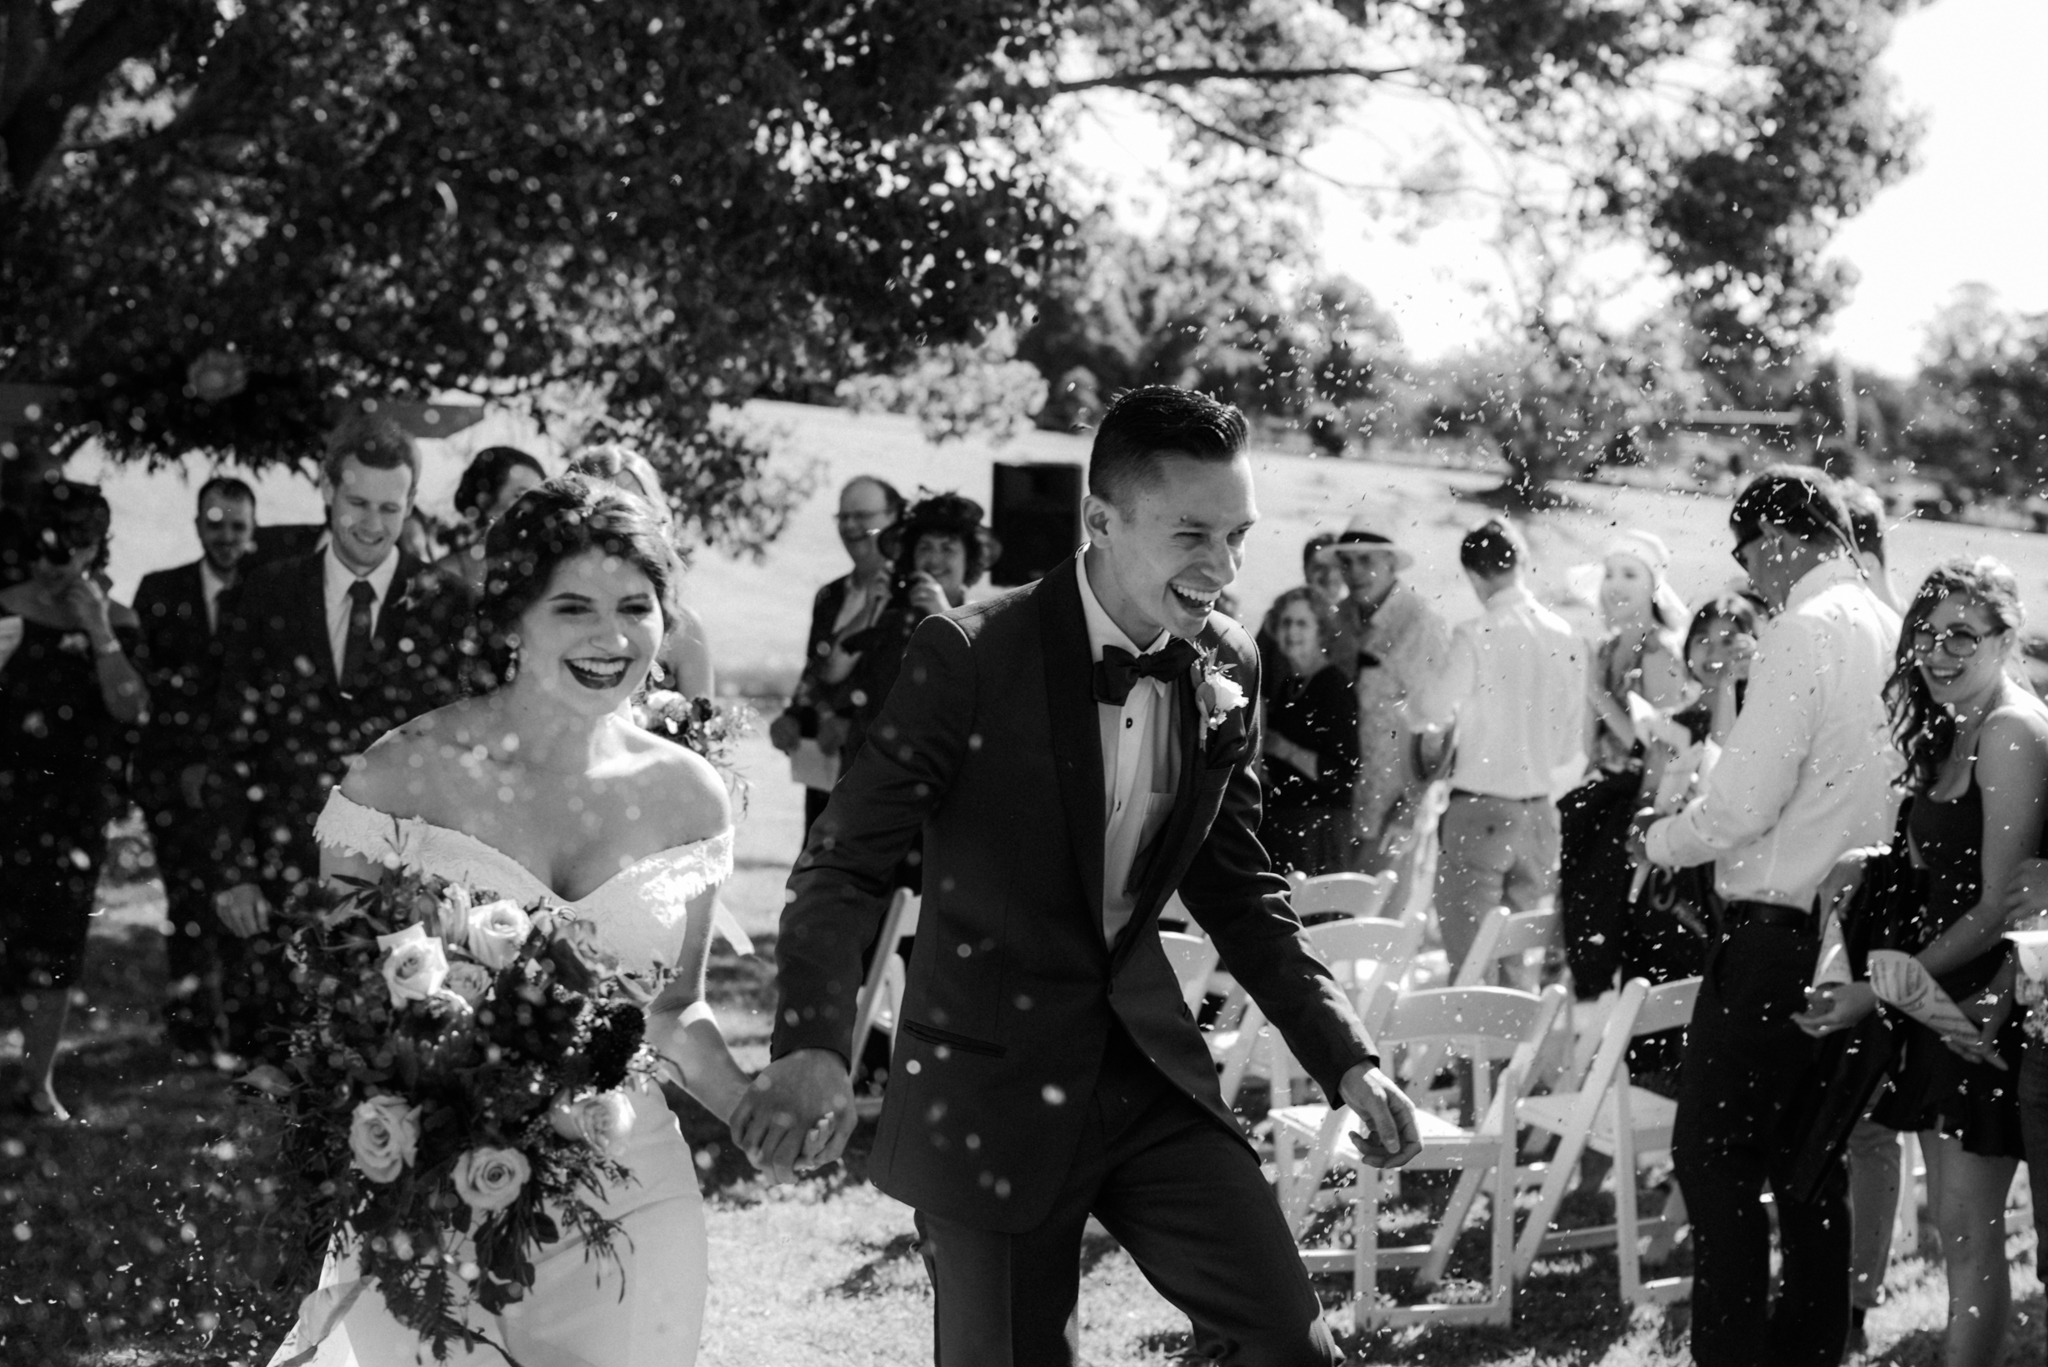 20181110 LOVELENSCAPES PHOTOGRAPHY • V+M • COOROY WEDDING • SUNSHINE COAST WEDDING PHOTOGRAPHER • 2 • 197.jpg